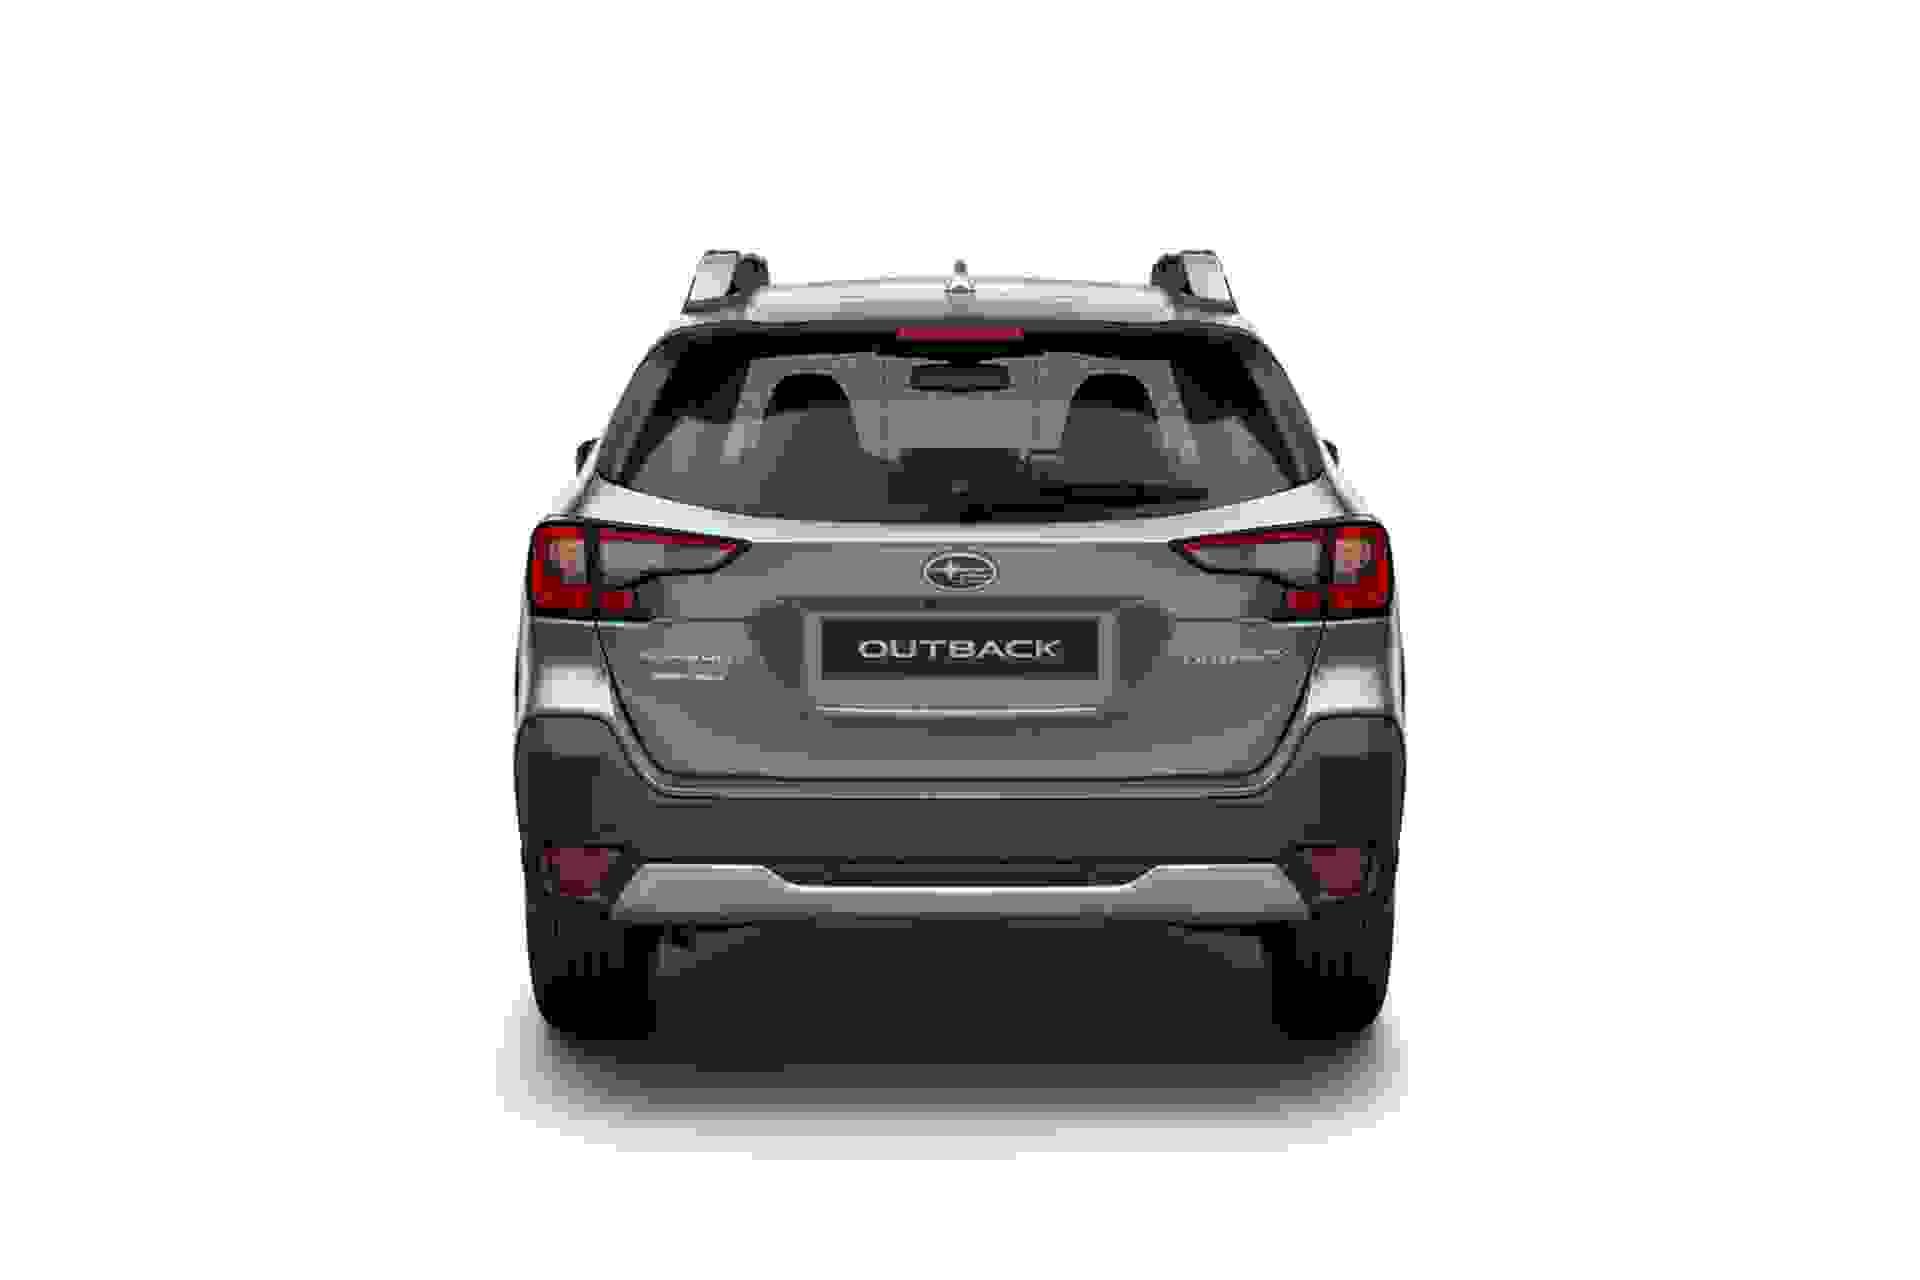 Subaru_Outback-greek_0003